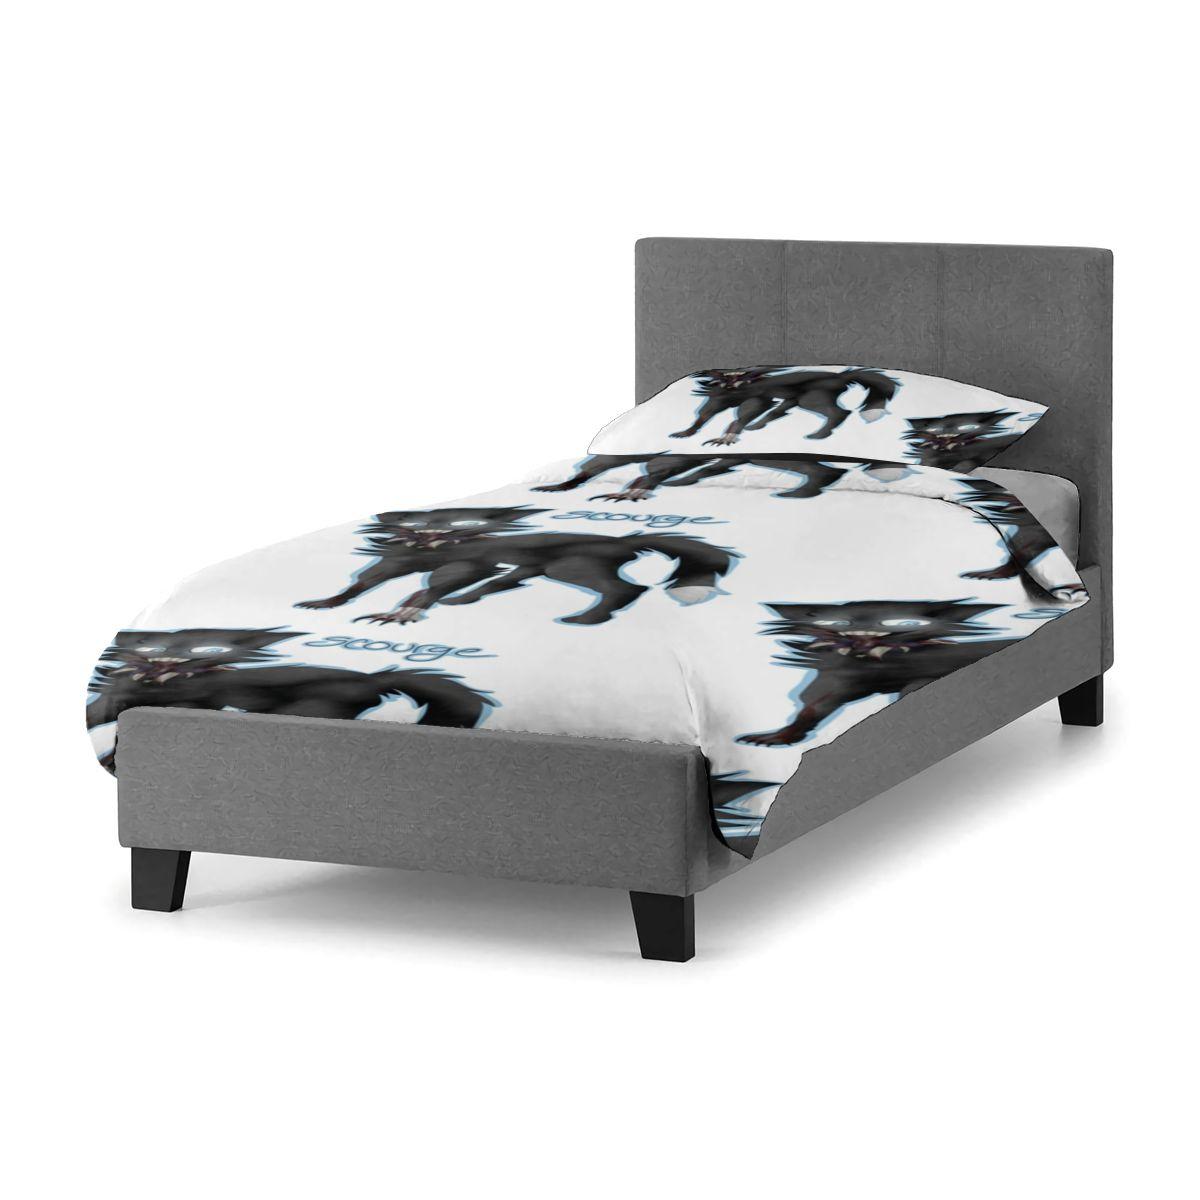 طقم سرير المحارب المطبوعة أغطية سرير غرفة نوم غطاء المراهقين بيع ورقة مجموعة